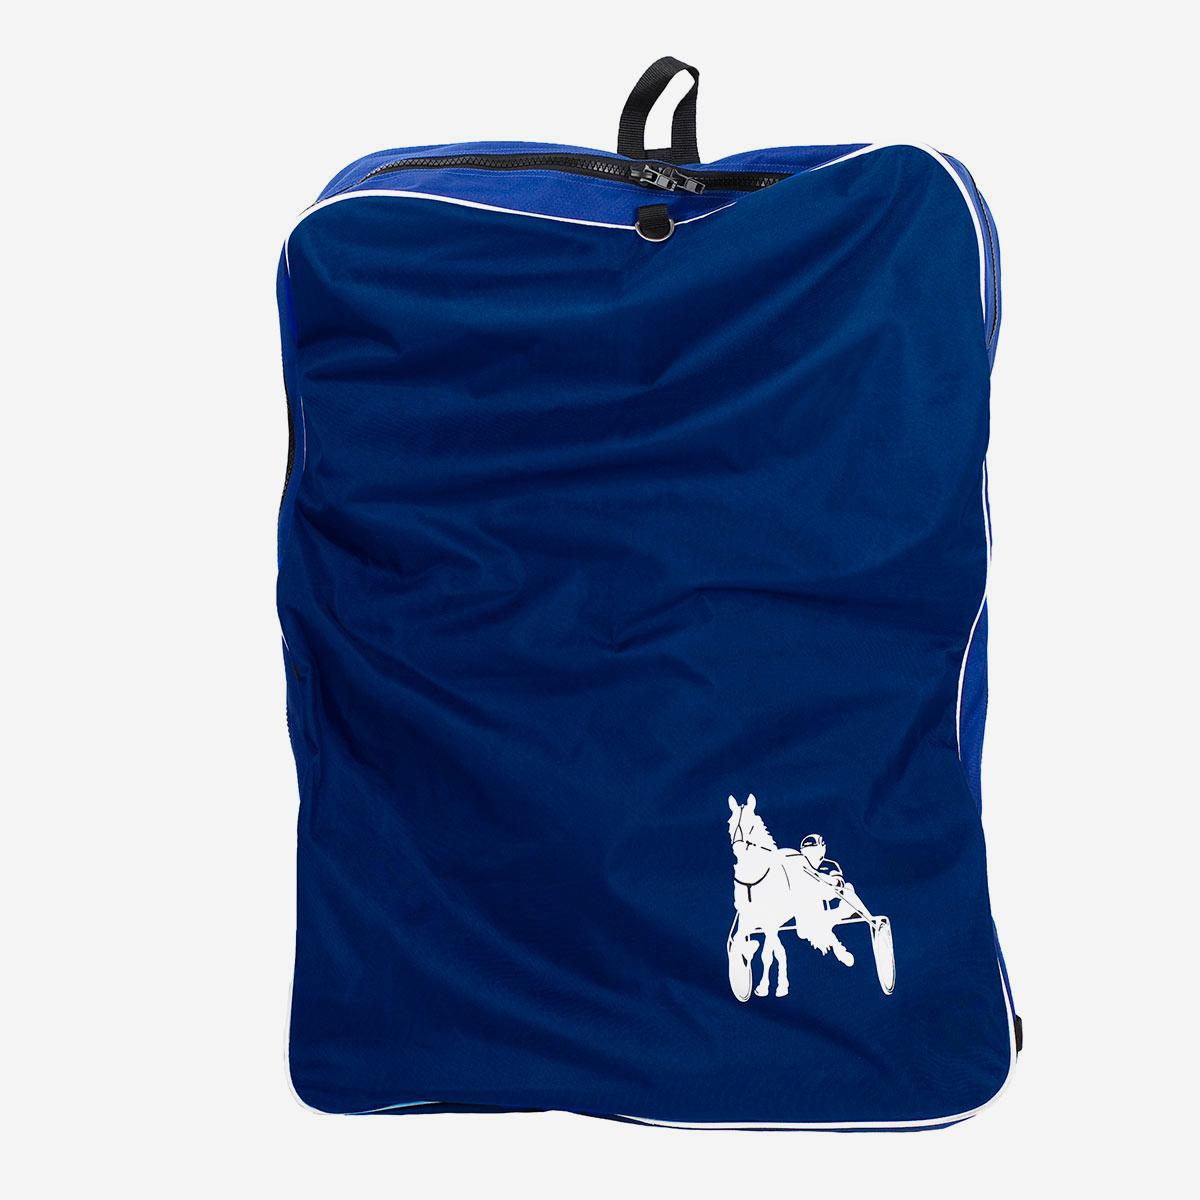 Finn Tack Harness Bag W Trotter Print